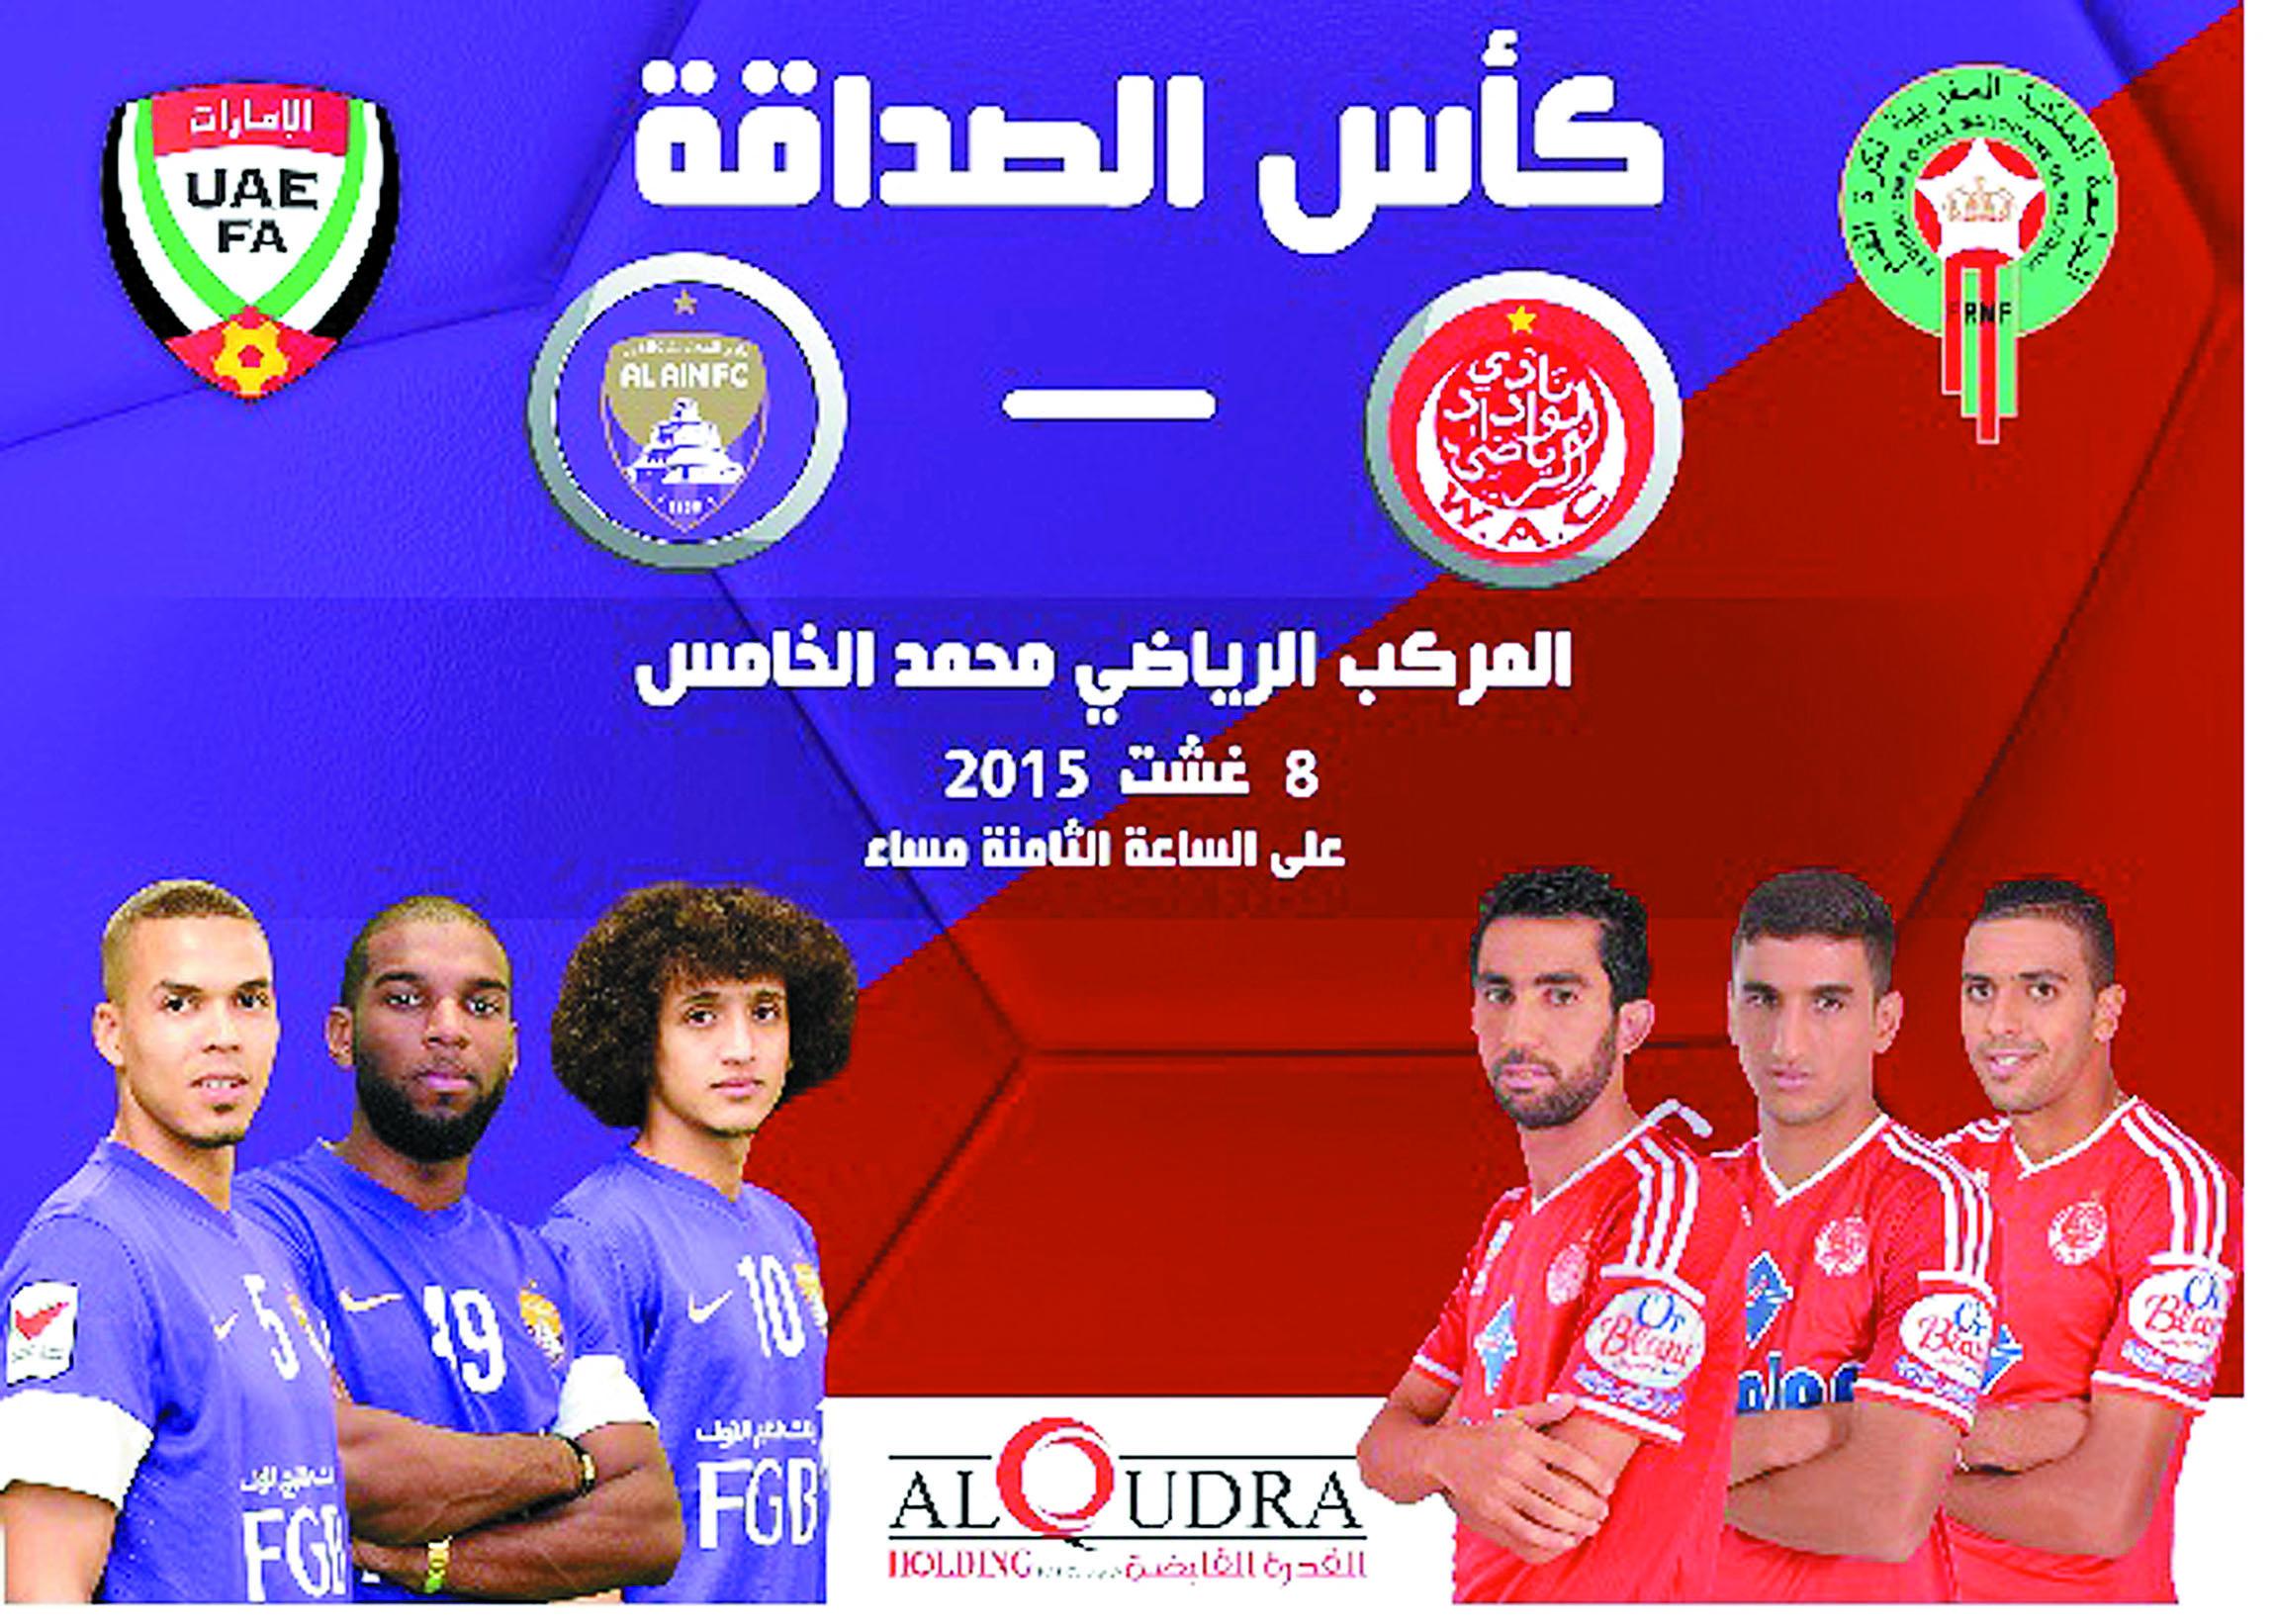 WAC-Al Aïn pour assurer le show de la Coupe de l'amitié maroco-émiratie